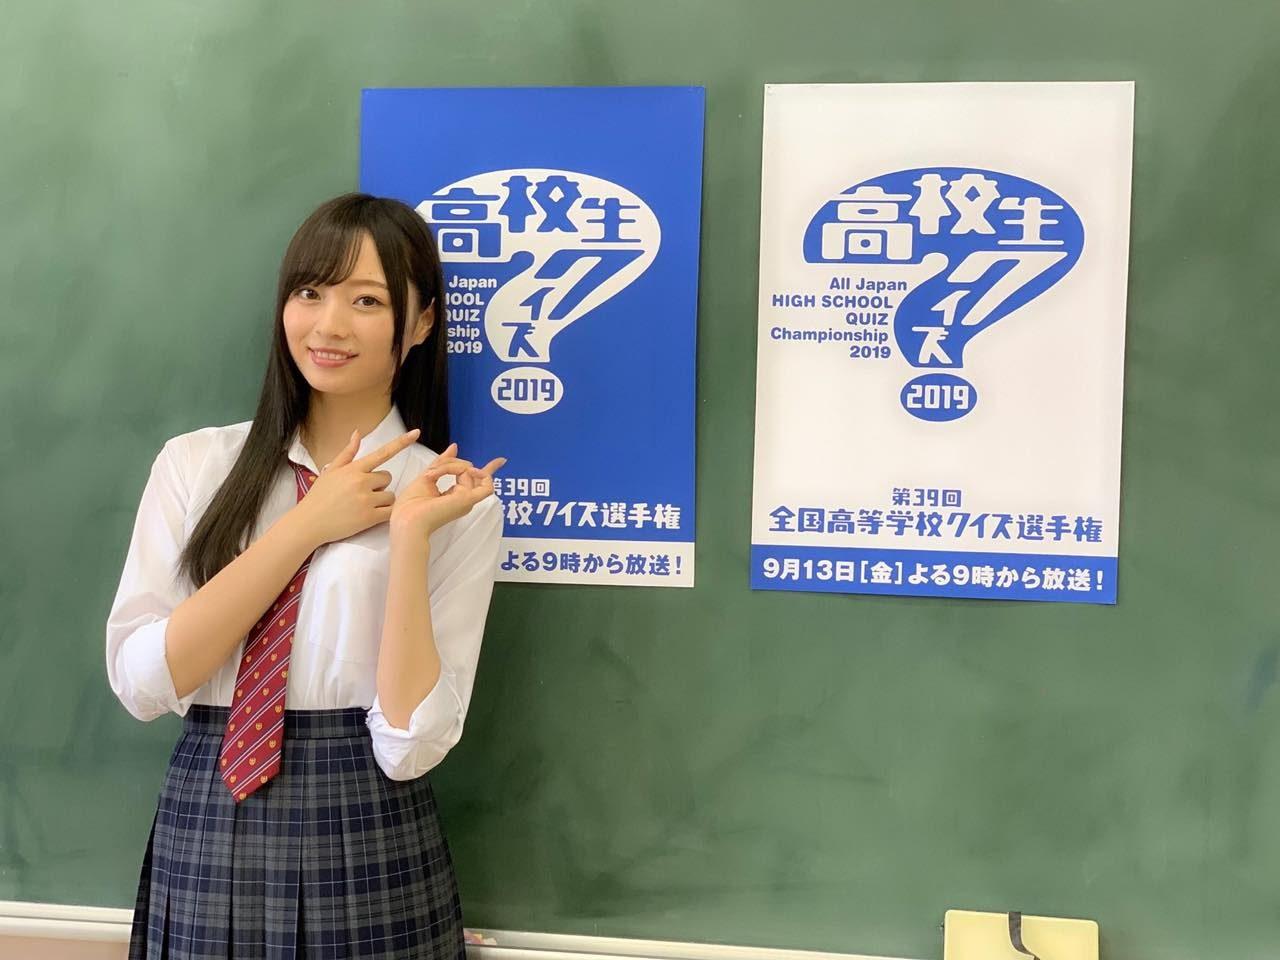 【動画】乃木坂46 梅澤美波「高校生クイズ2019」スペシャルムービー公開!